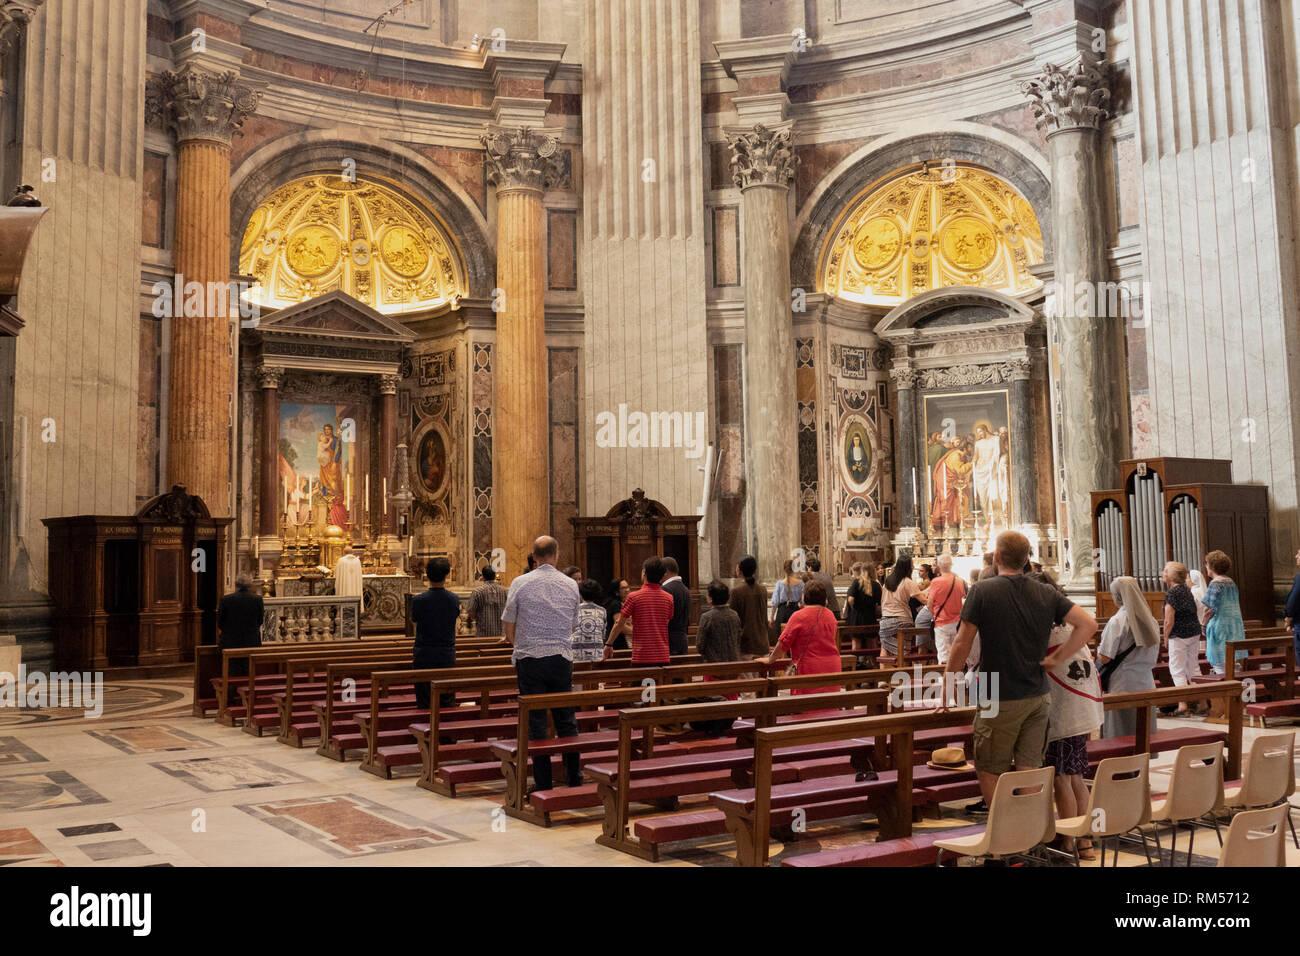 Die Menschen beten am Altar von St. Joseph, St. Peter's Basilica, San Pietro in Vaticano, Päpstliche Basilika St. Peter im Vatikan, Rom, Italien Stockbild